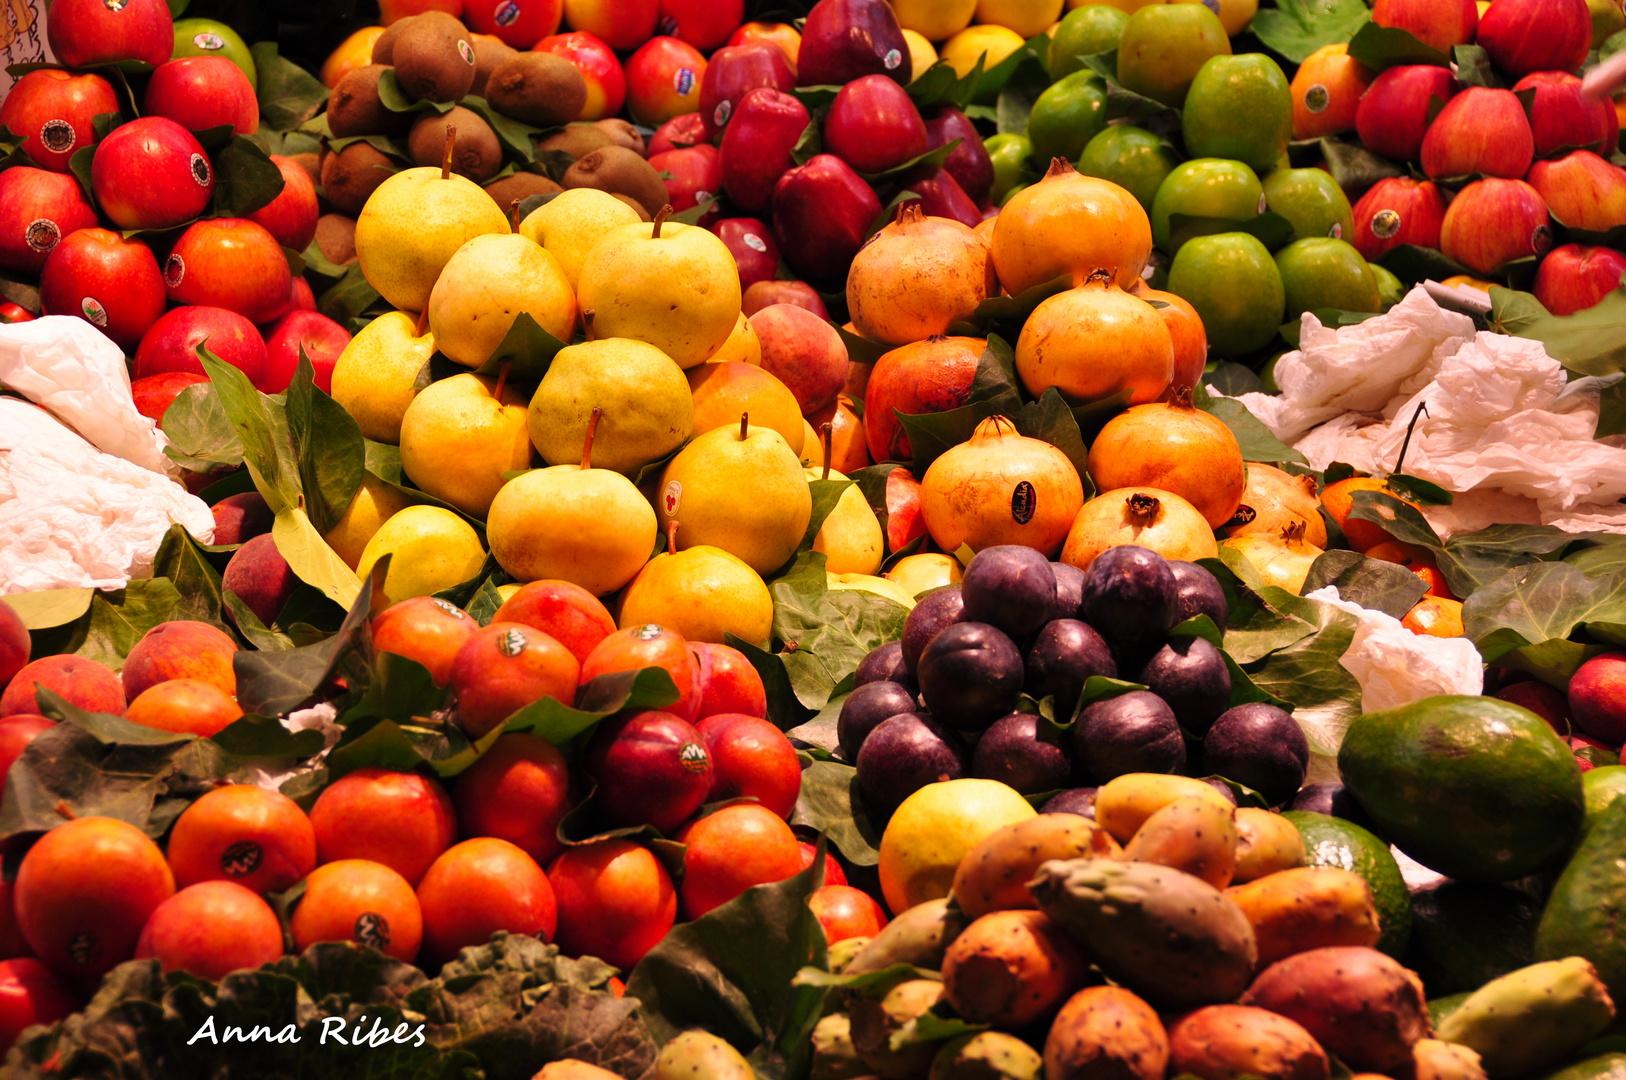 Varietat de fruites